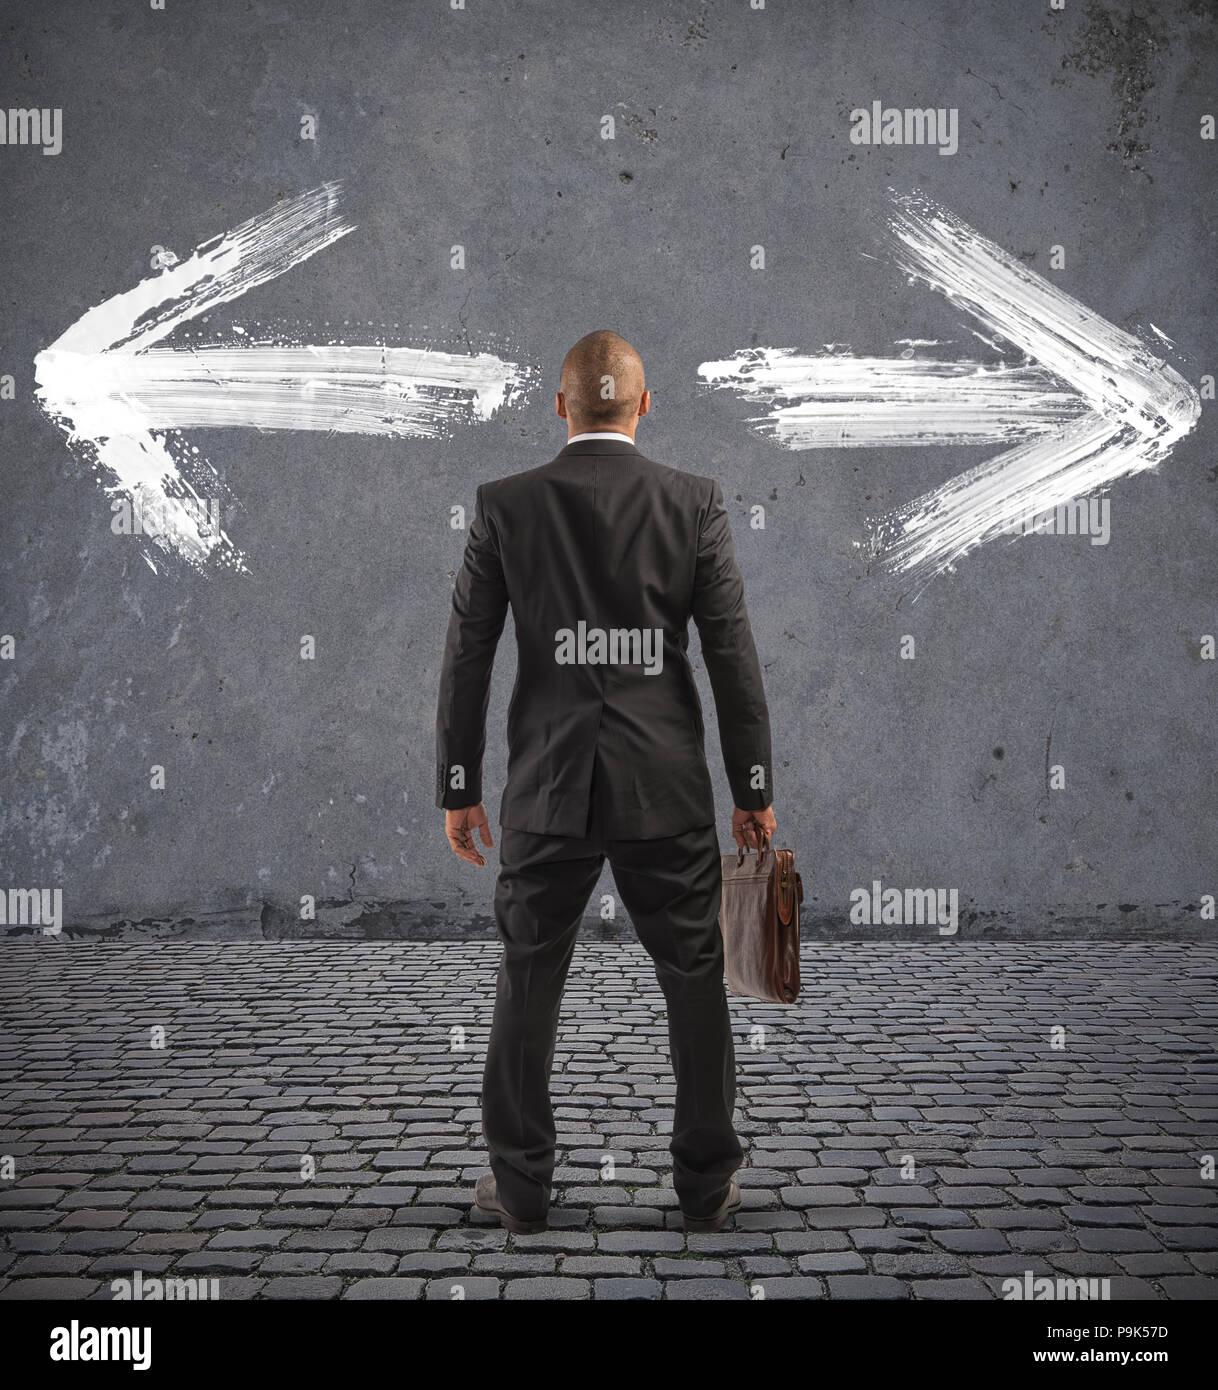 Verwirrt Geschäftsmann muss den richtigen Weg wählen Stockbild